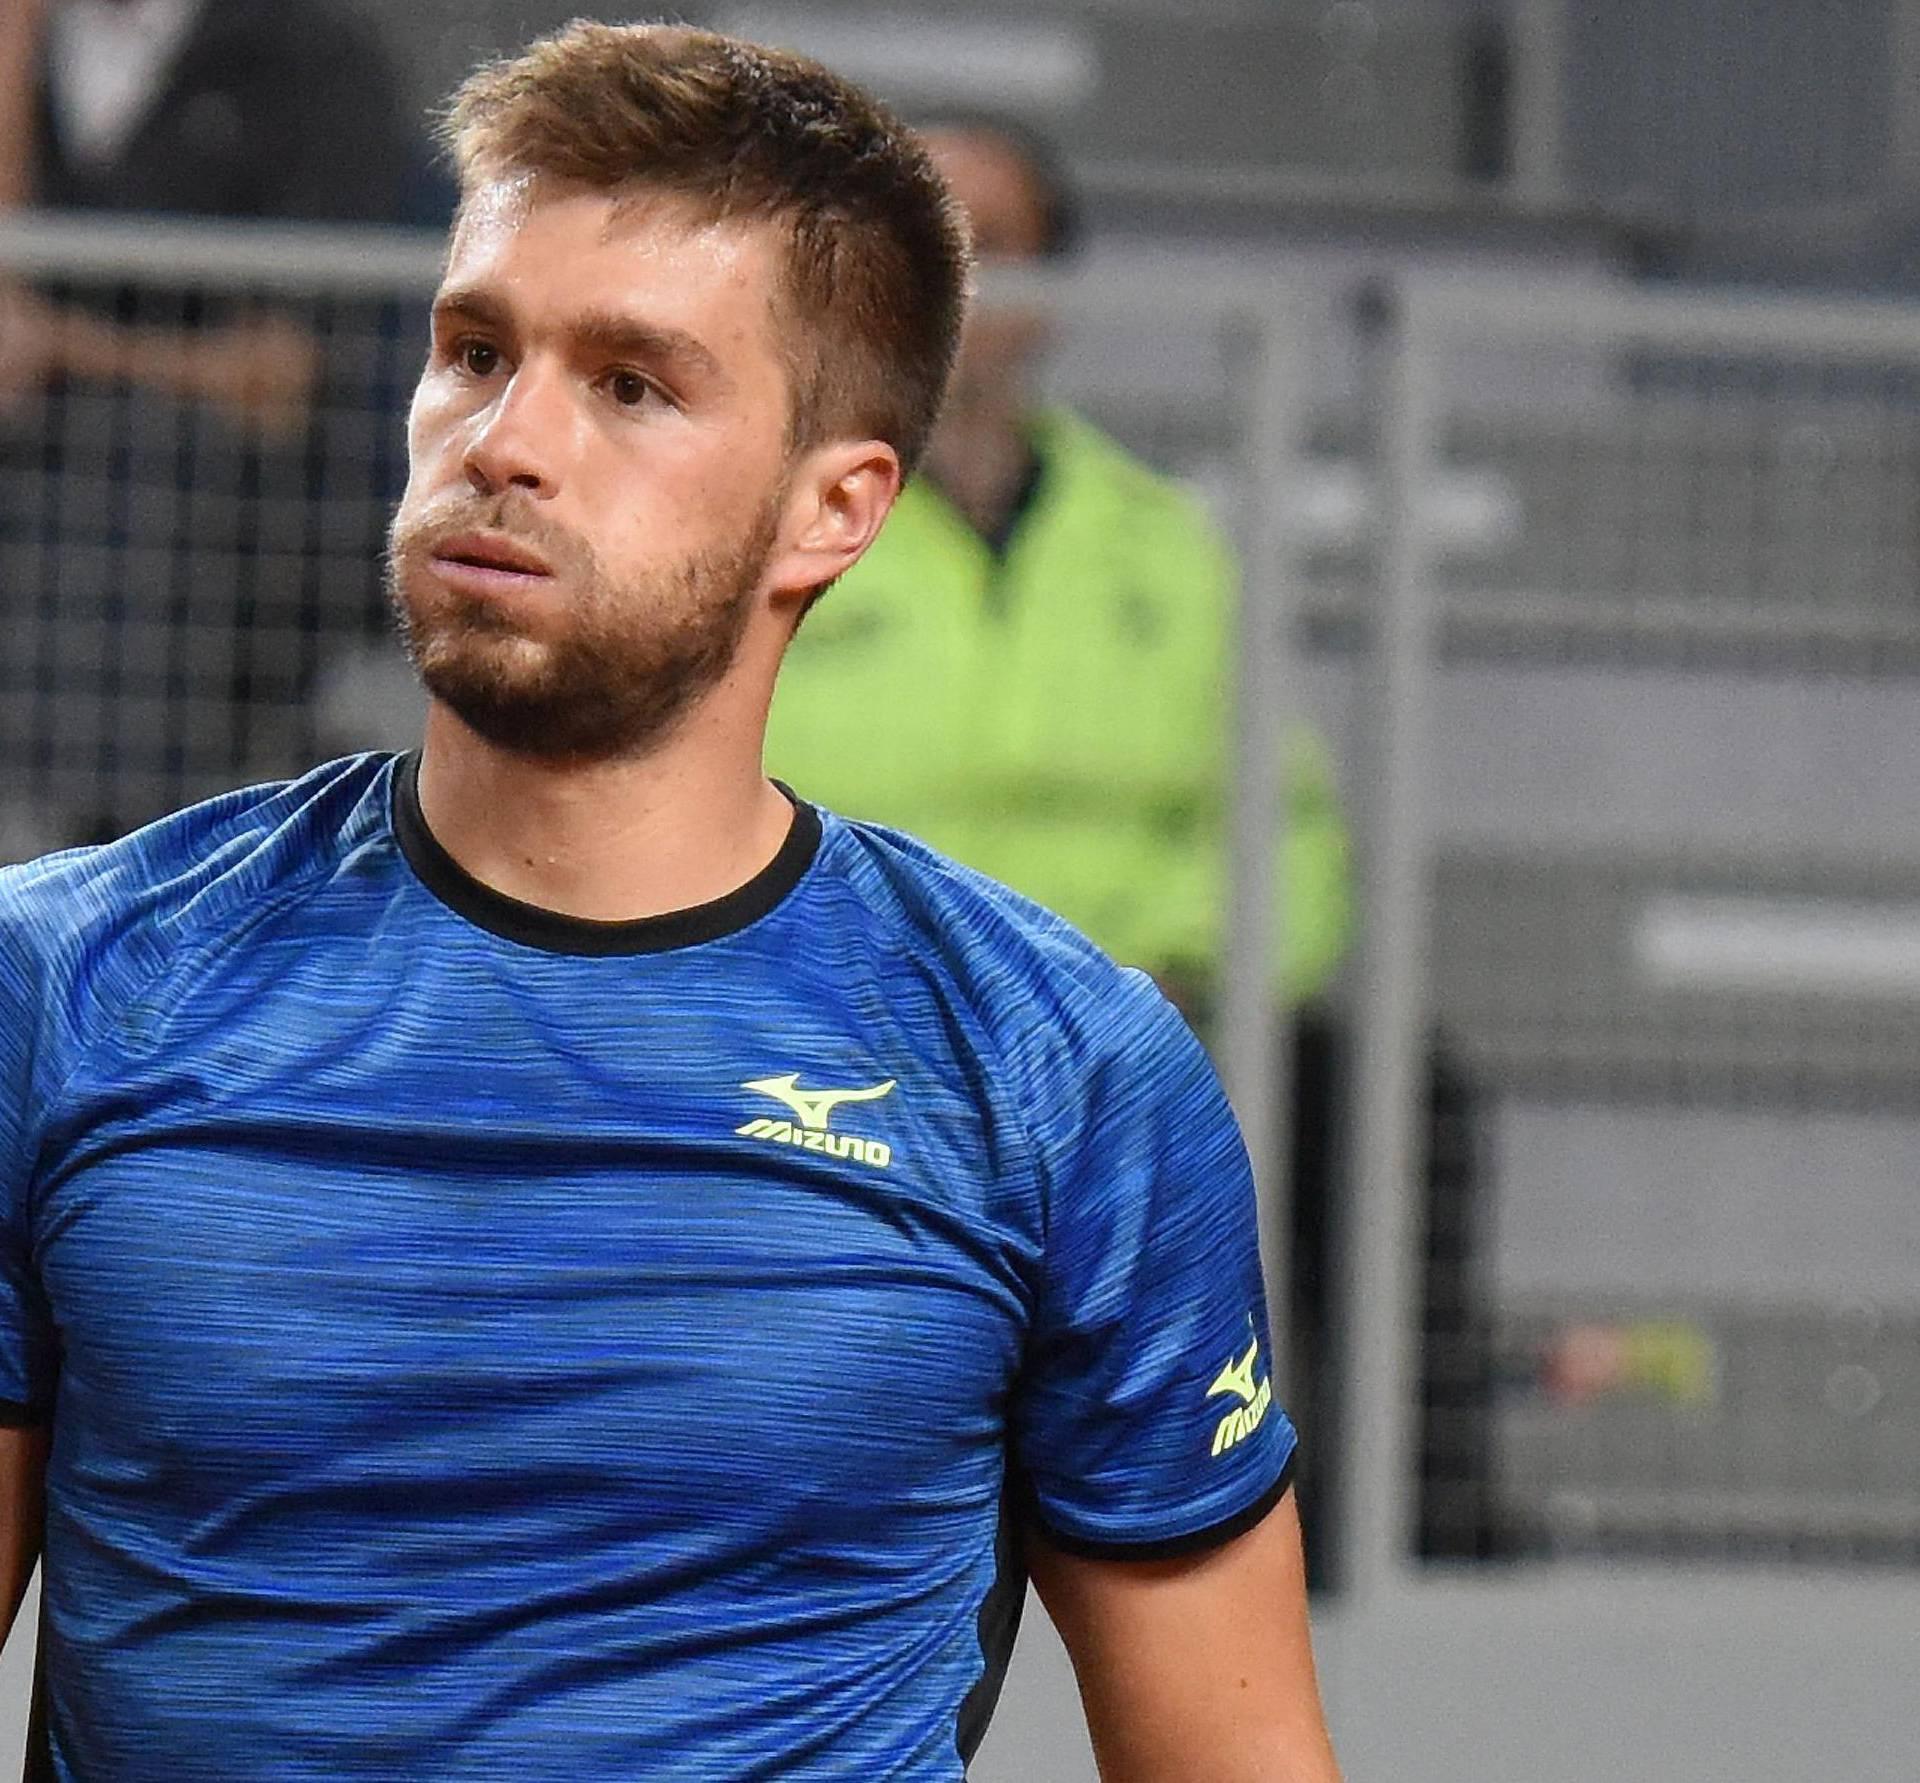 Hrvatska dominira u parovima: I Mektić je u polufinalu RG-a!